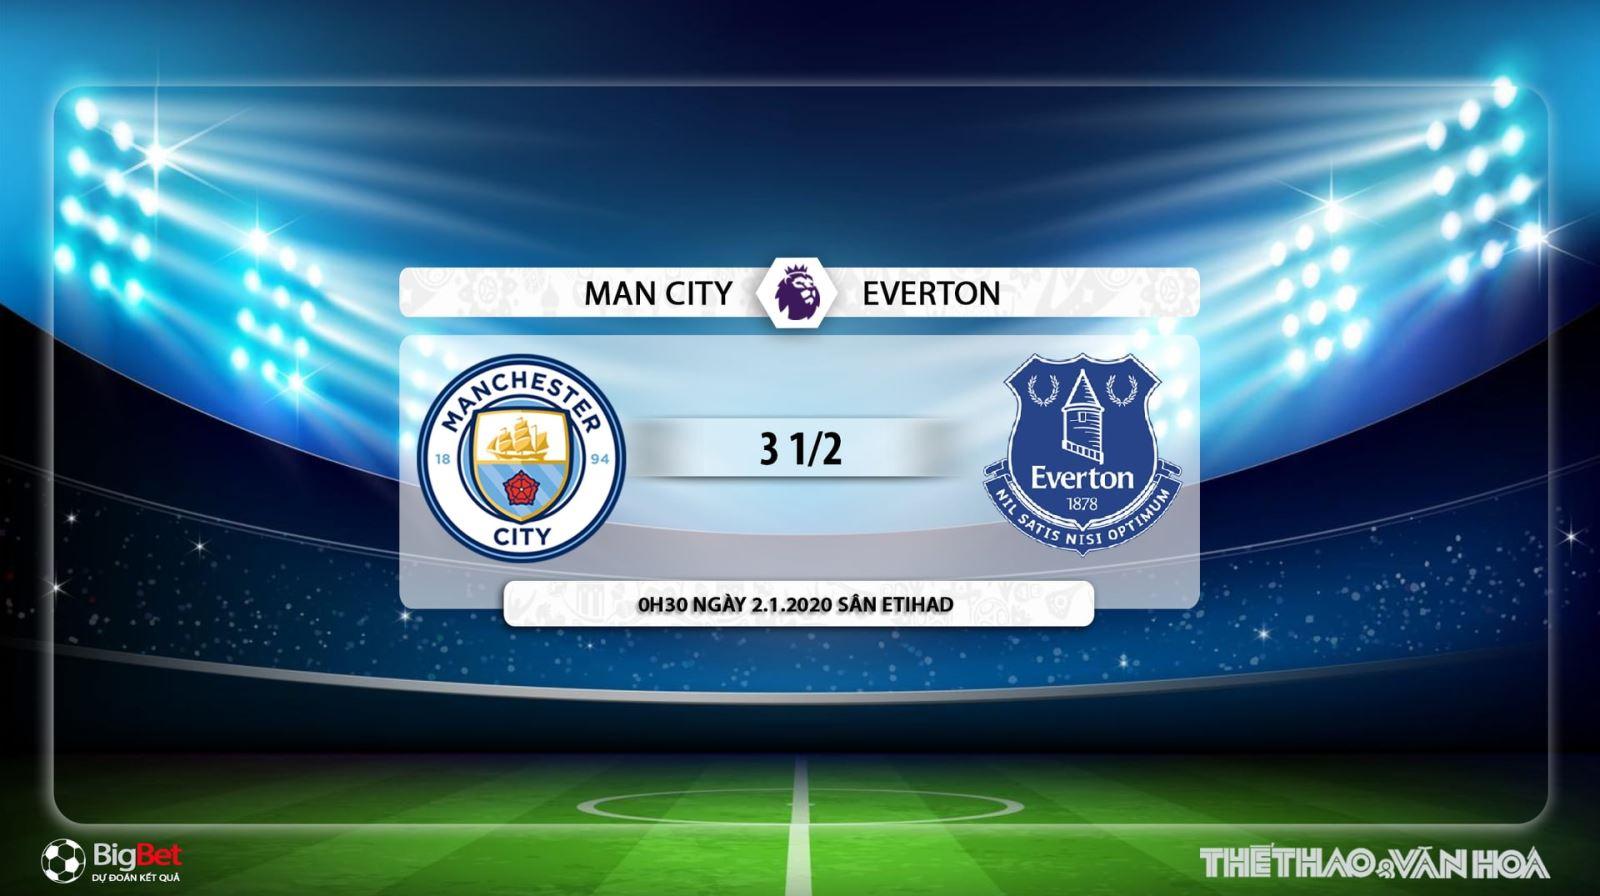 Man City vs Everton, Man City, Everton, trực tiếp bóng đá, trực tiếp Man City vs Everton, lịch thi đấu, bóng đá, bong da